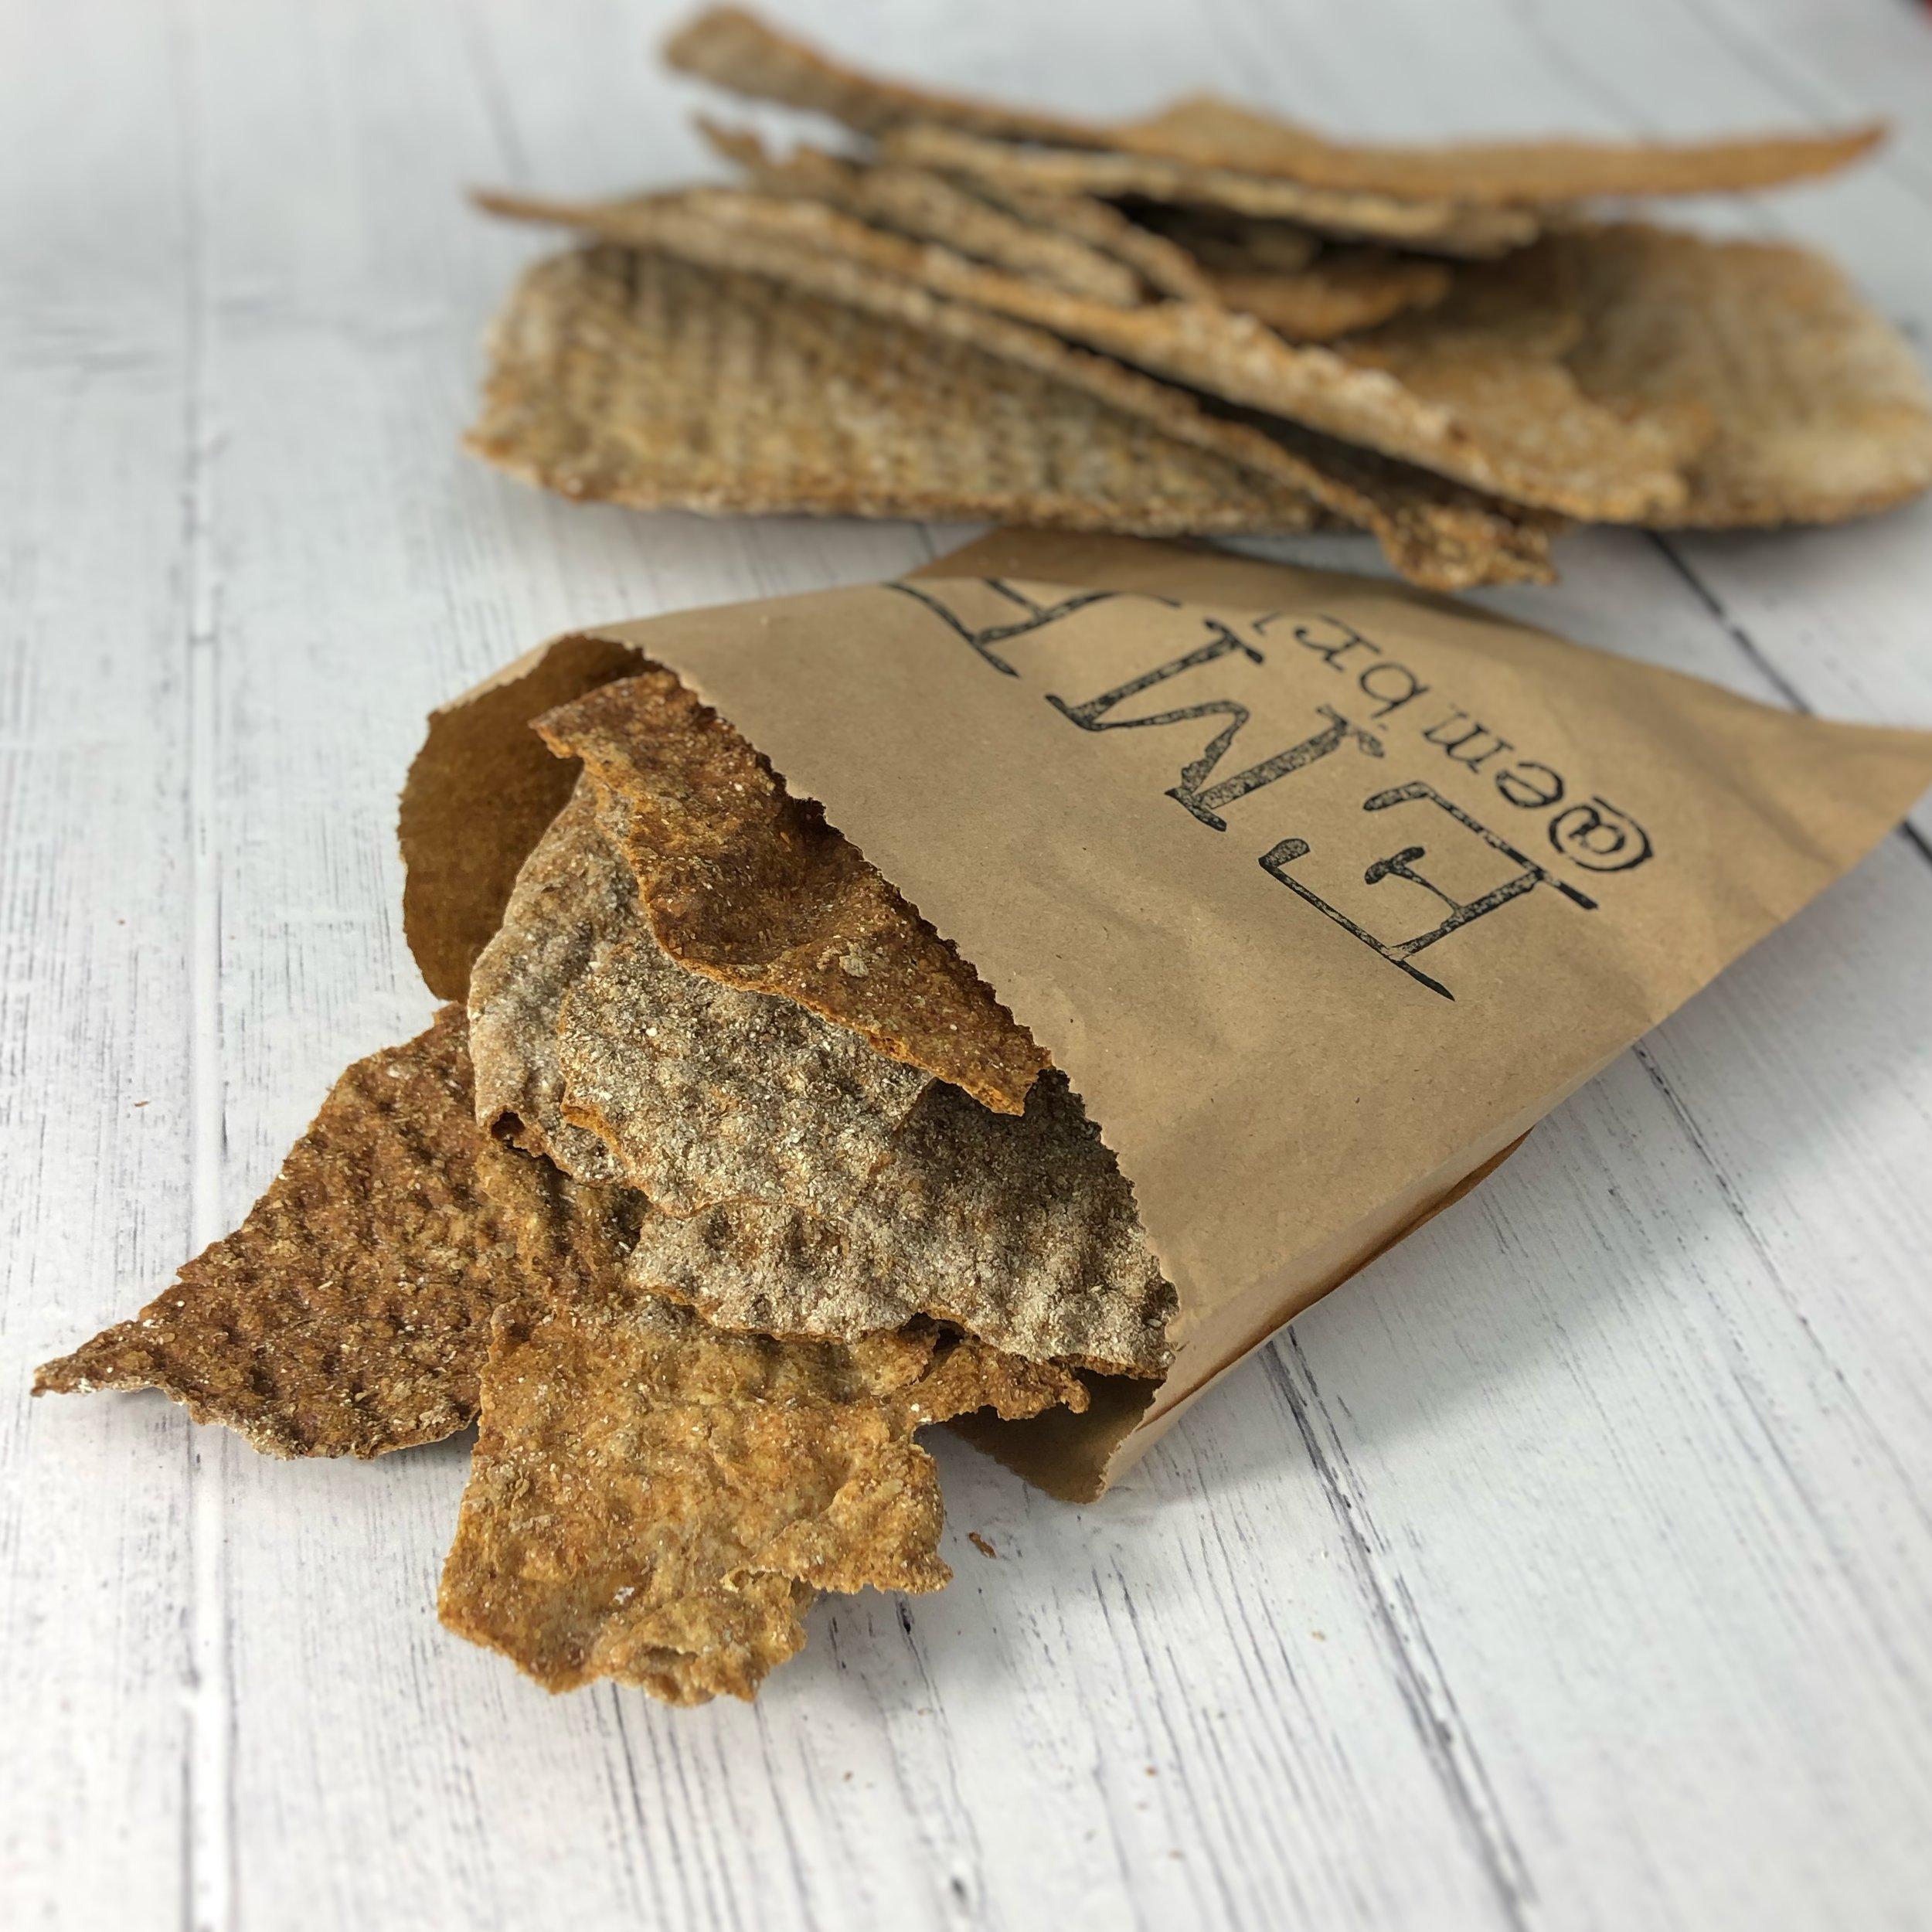 Scandi rye crisp bread